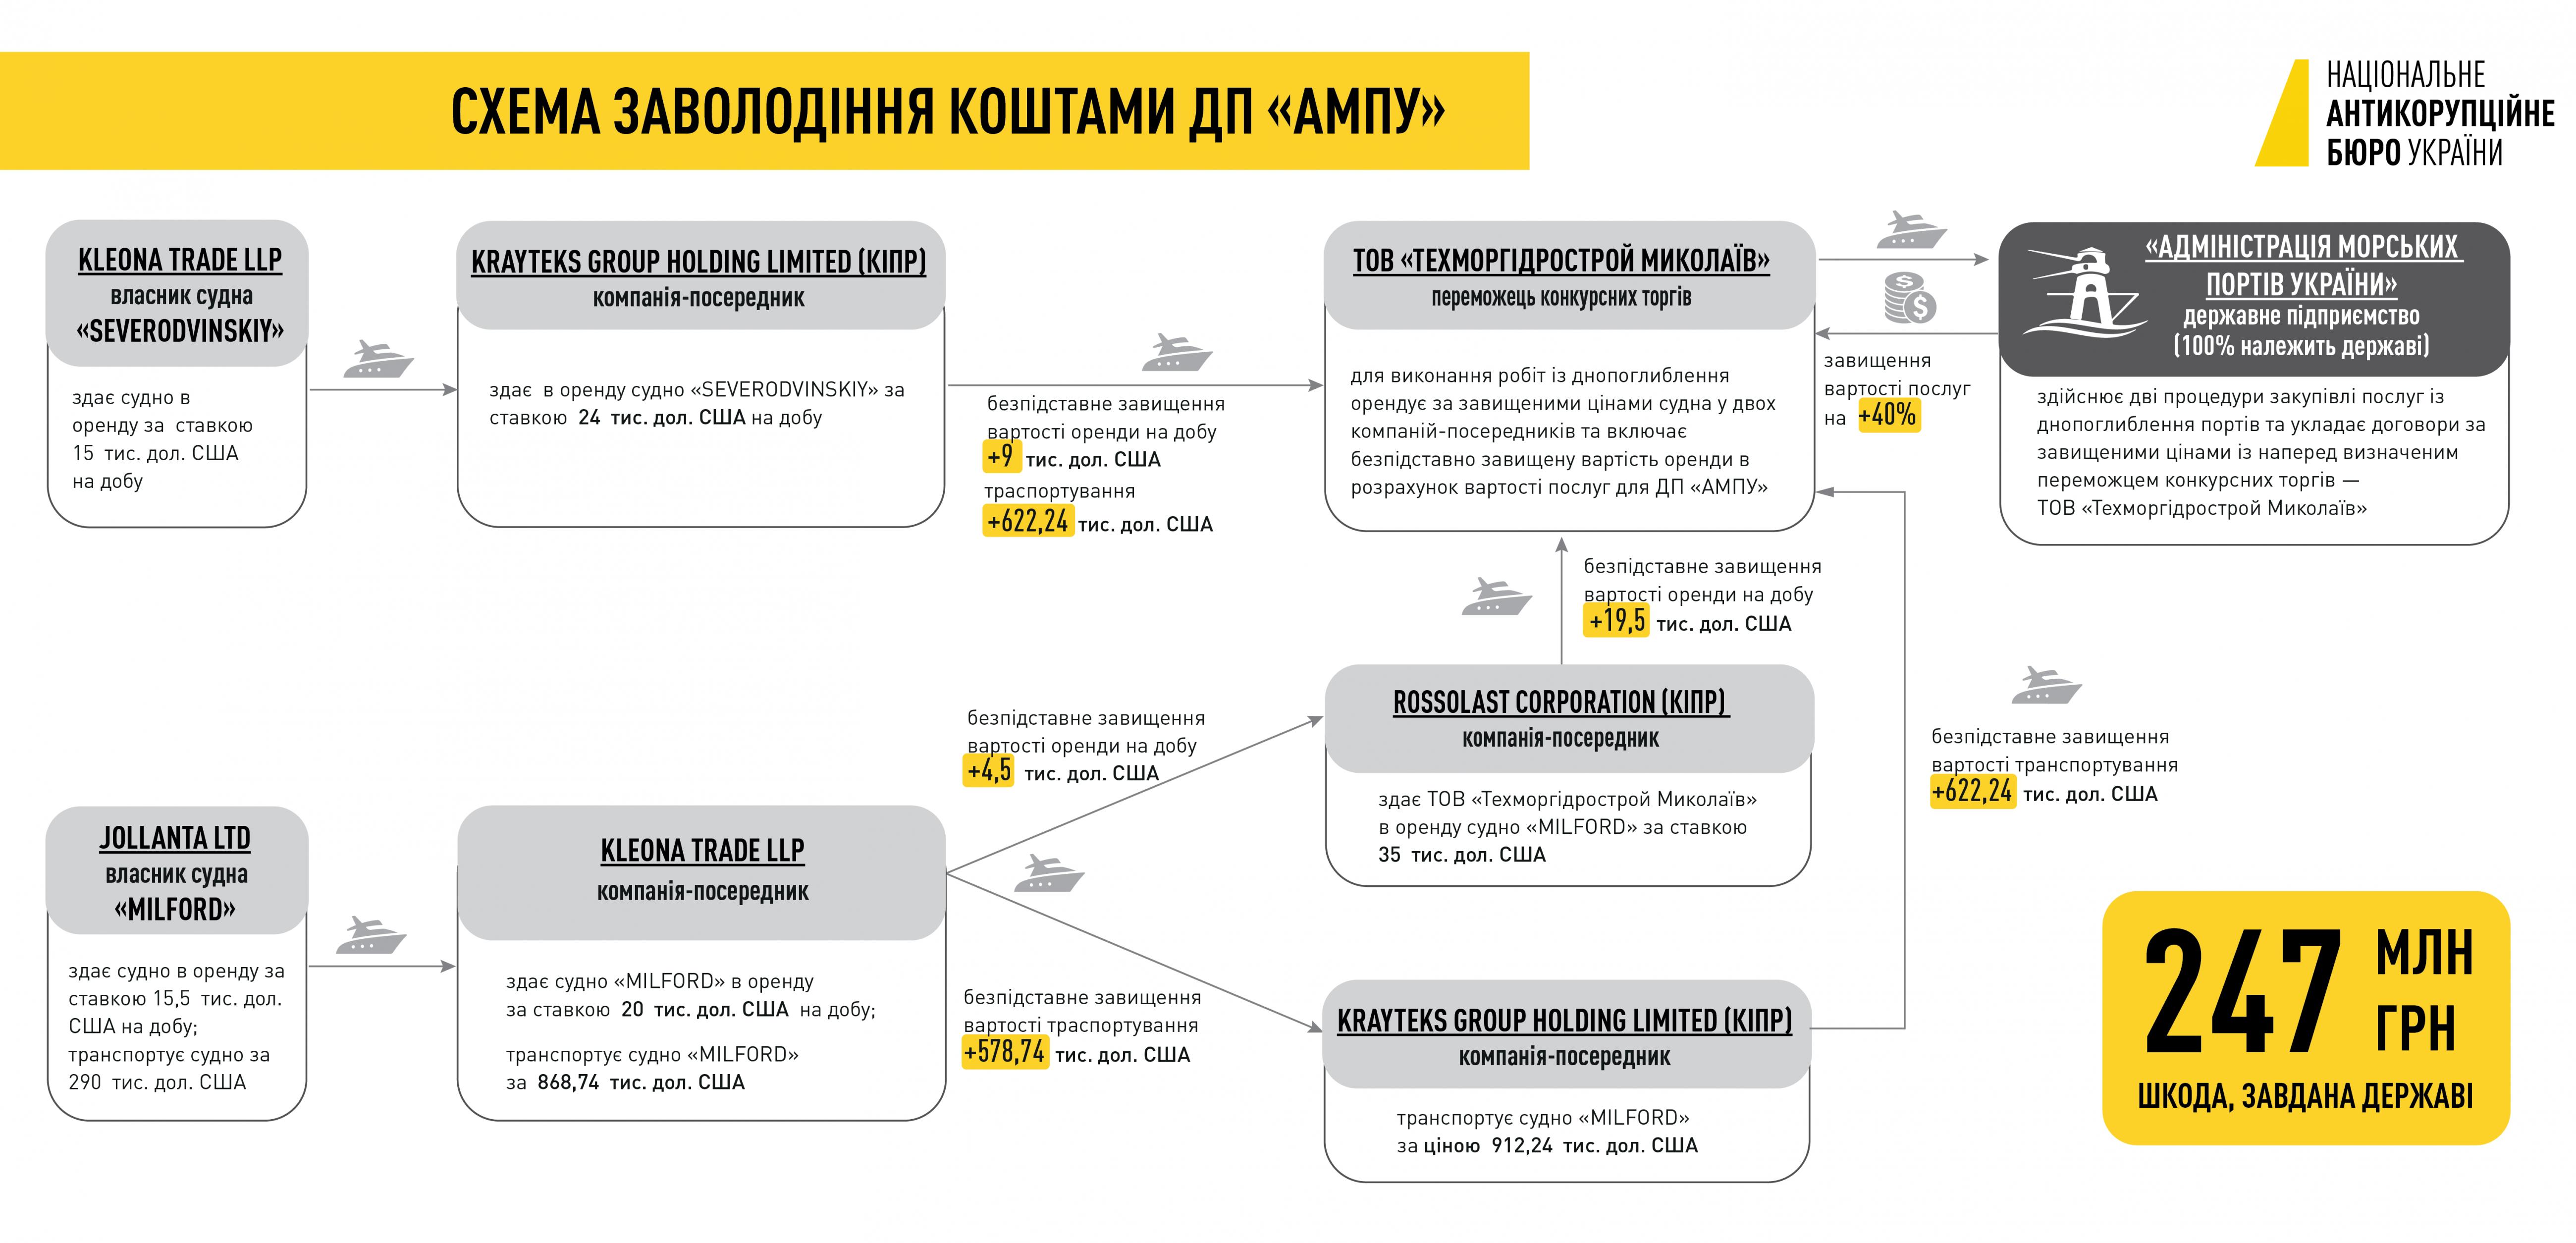 Расследование НАБУ по дноуглублениям: договор на 290 млн грн признали недействительным